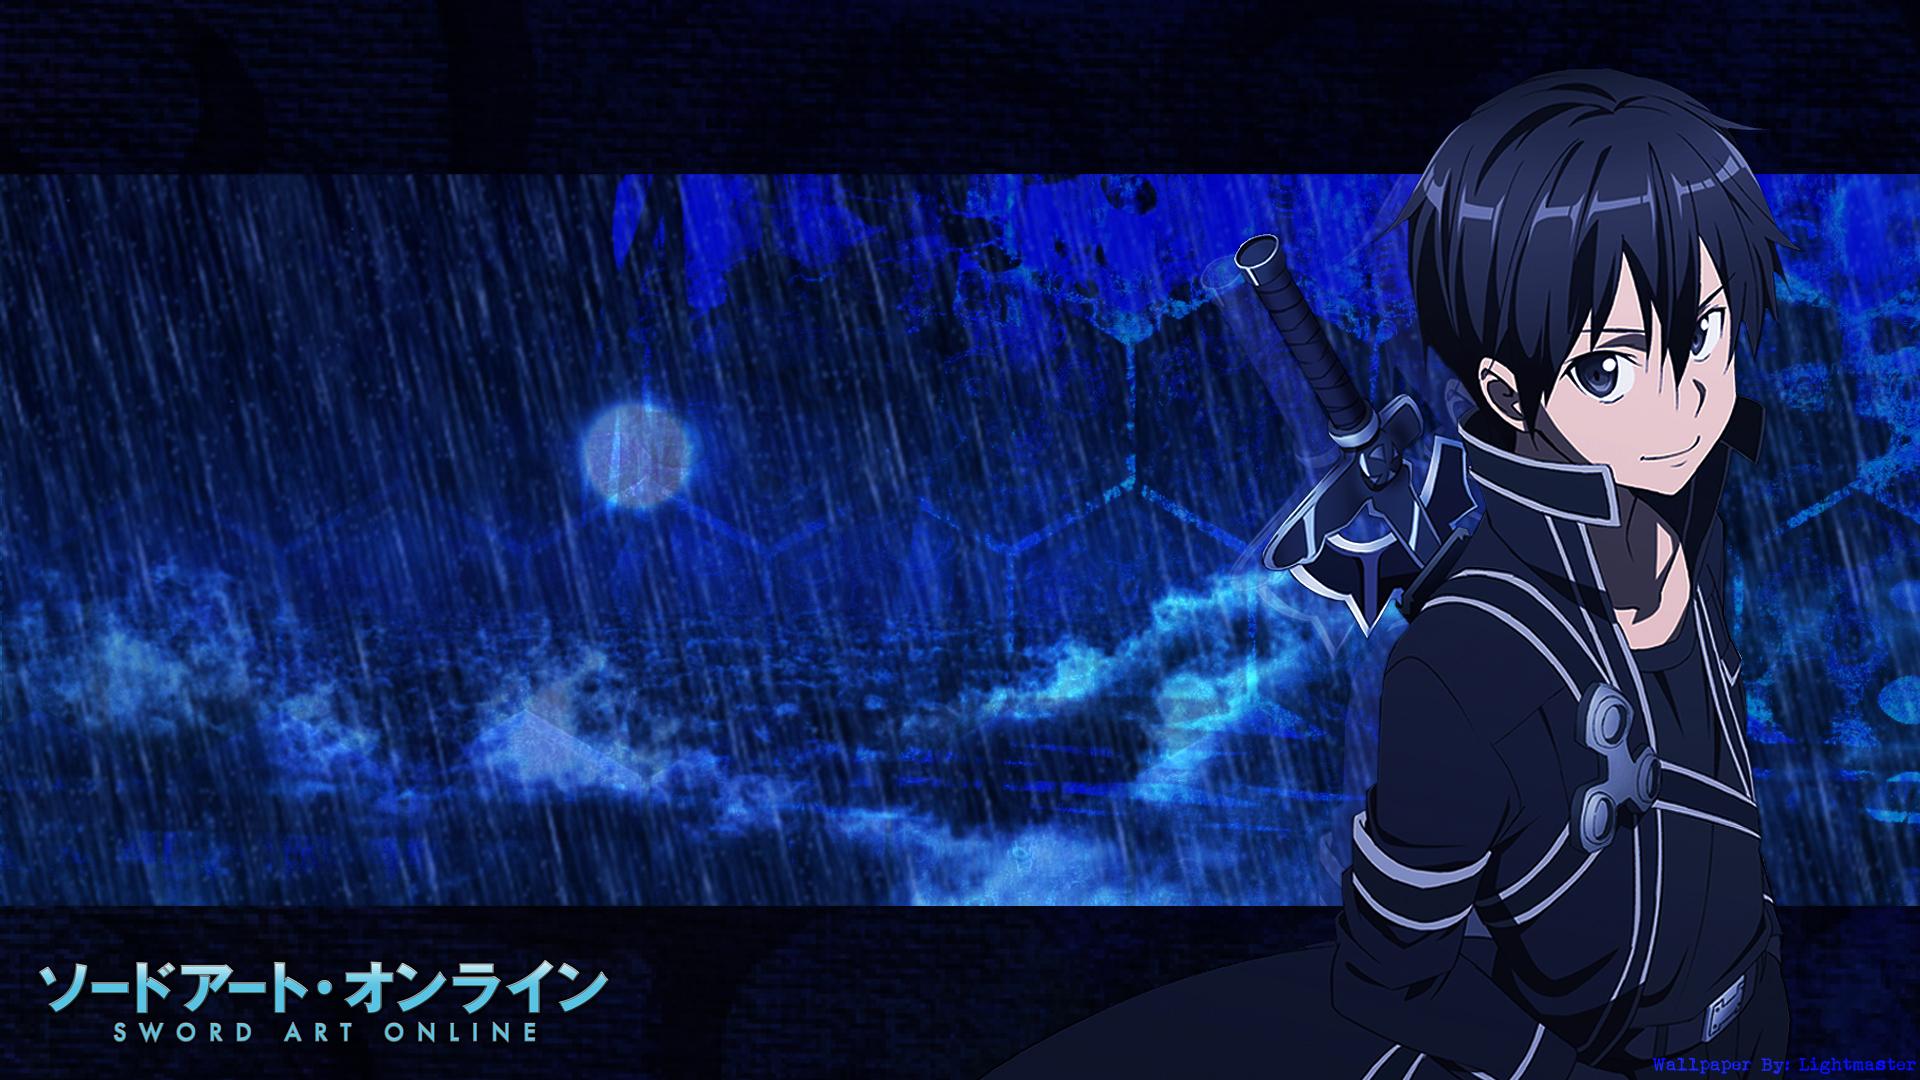 Sword Art Online Kirito Sao Source HD Wallpapers WallpaperSafari